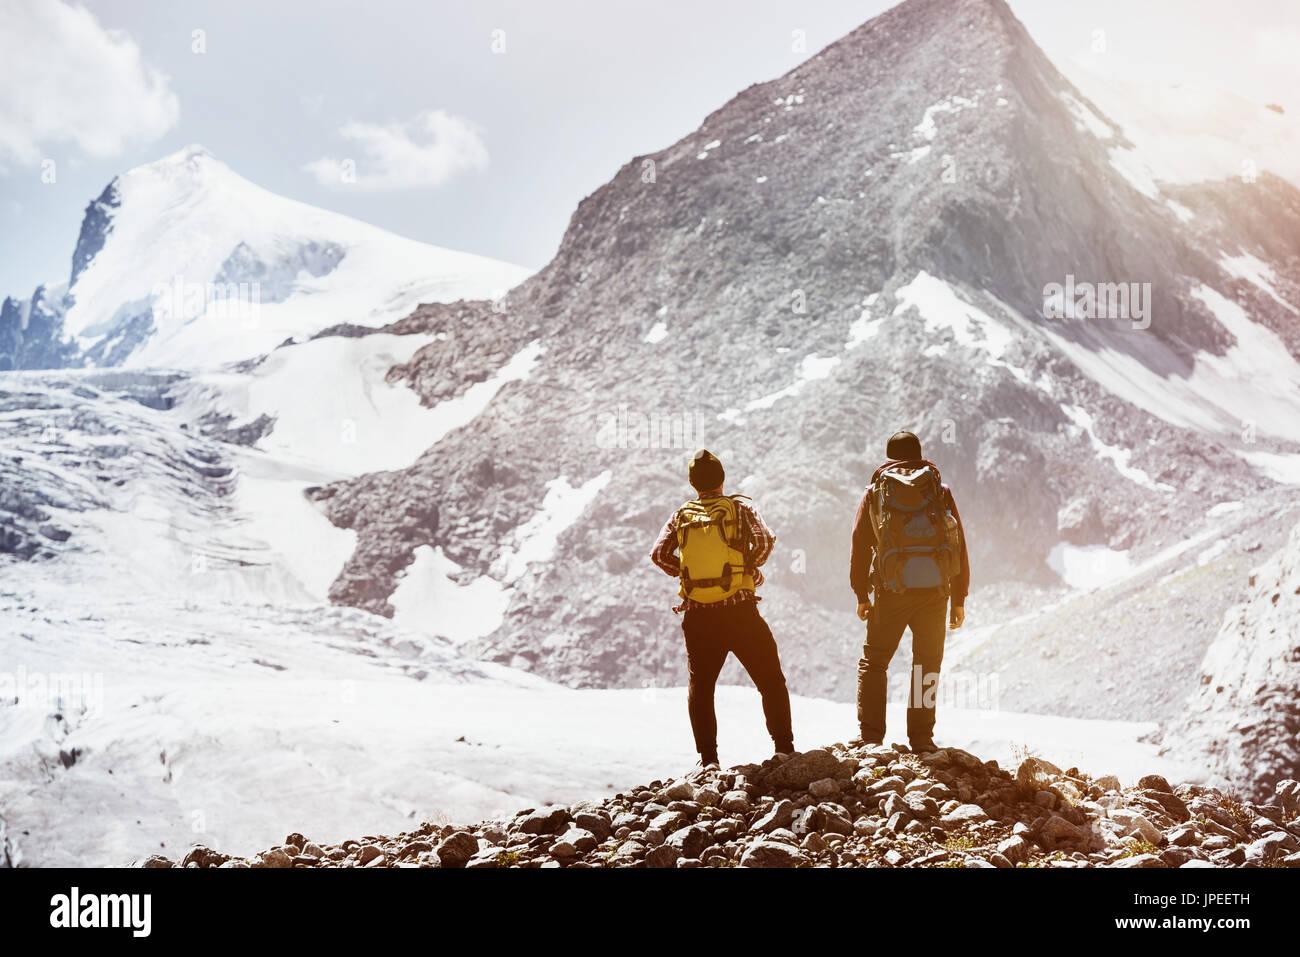 Trekking-Konzept mit zwei Freunden auf Berge Hintergrund. Spacefor text Stockbild